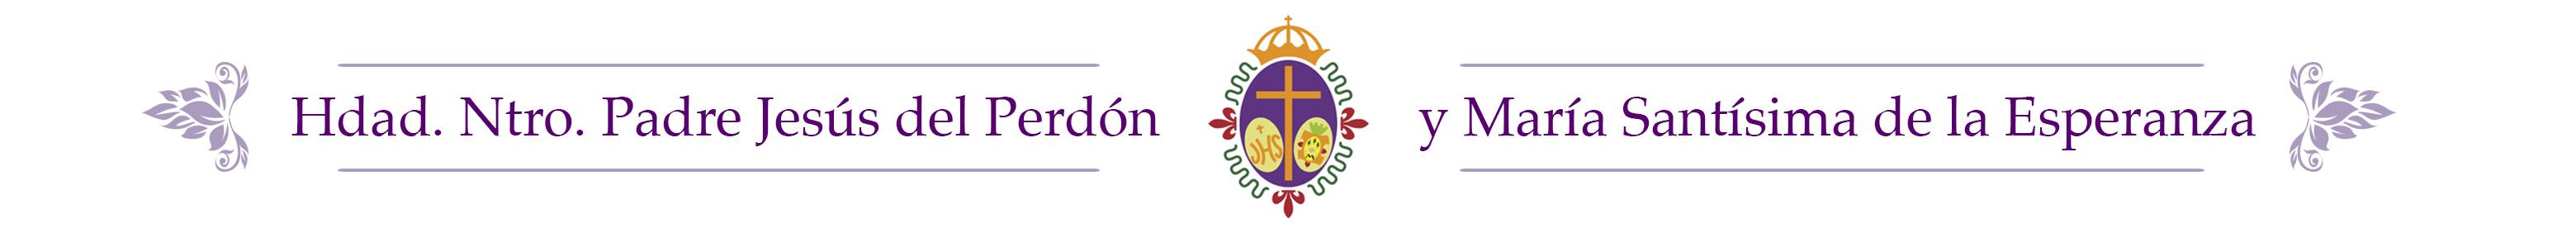 Hermandad de Nuestro Padre Jesus del Perdón y María Santísima de la Esperanza